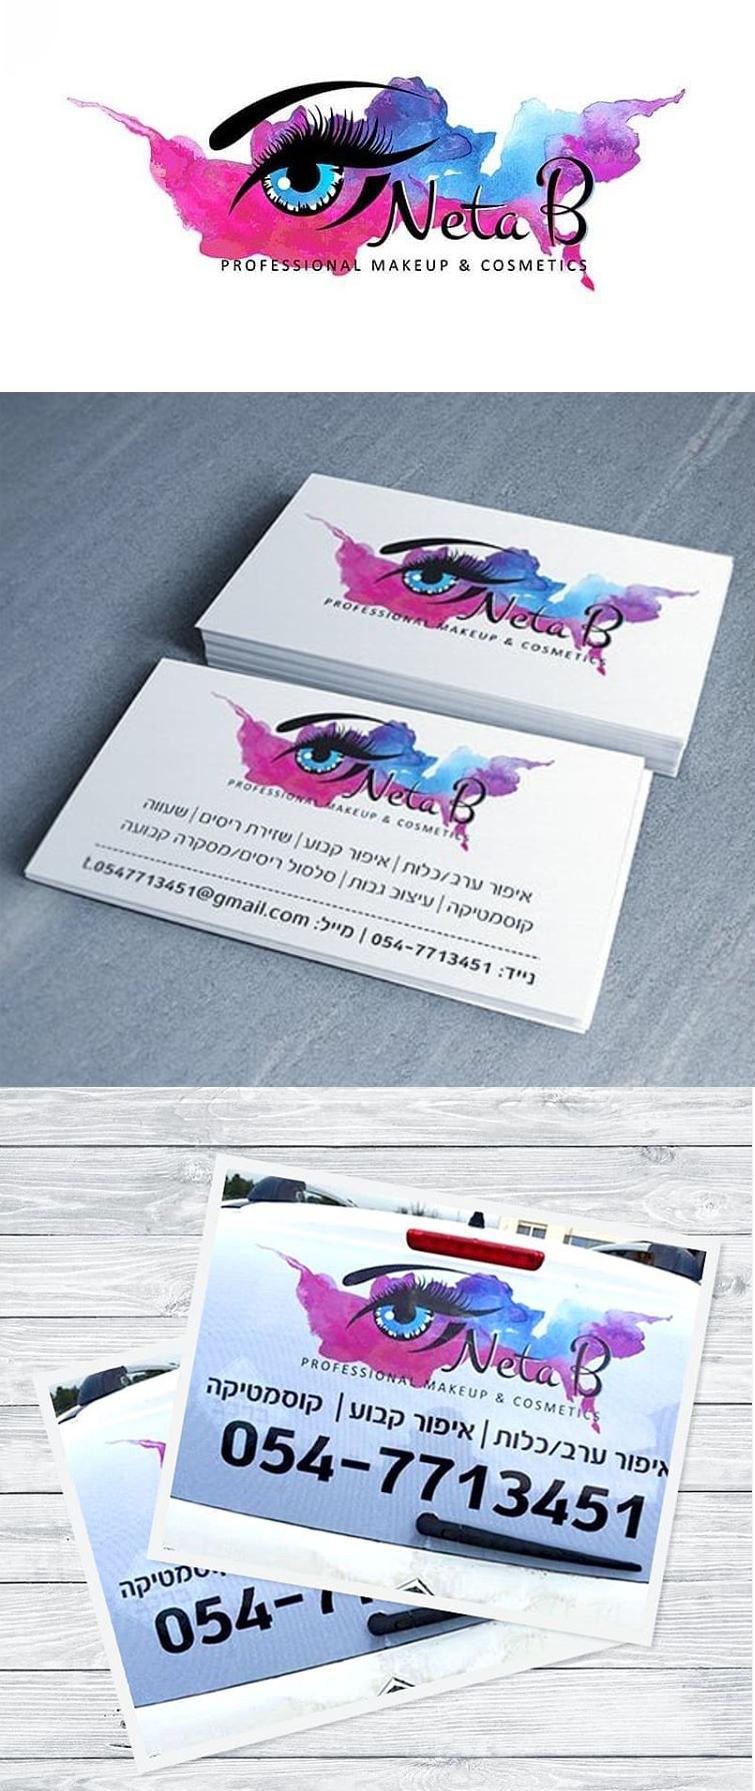 עיצוב-לוגו-,-כרטיסי-ביקור-,-מדבקות-לרכב-עבור-נטע-ב